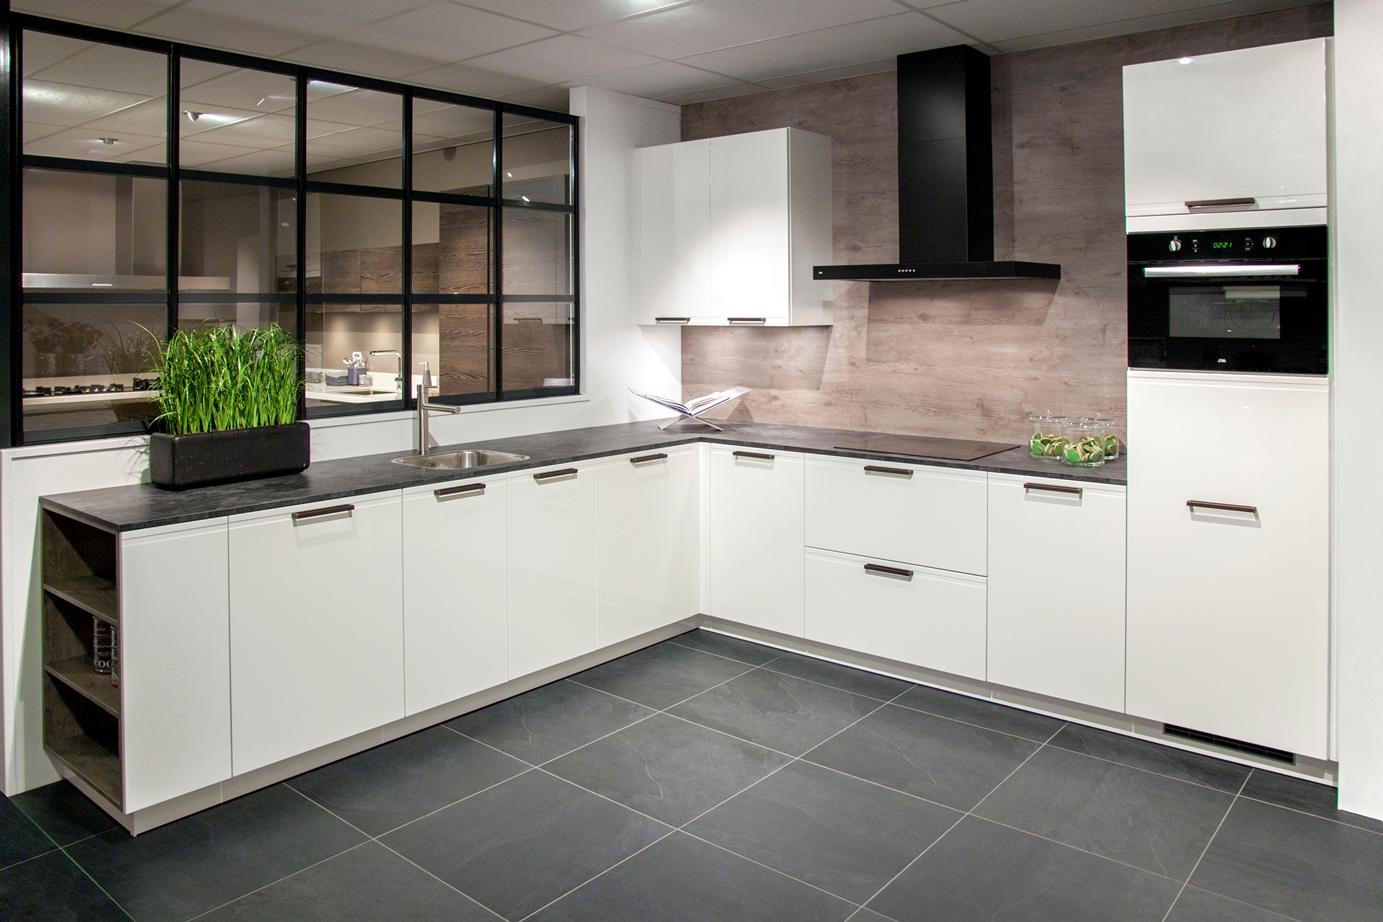 Keuken Met Gratis Montage : Tijdloze keuken. Werkblad 65 cm diep! – DB Keukens